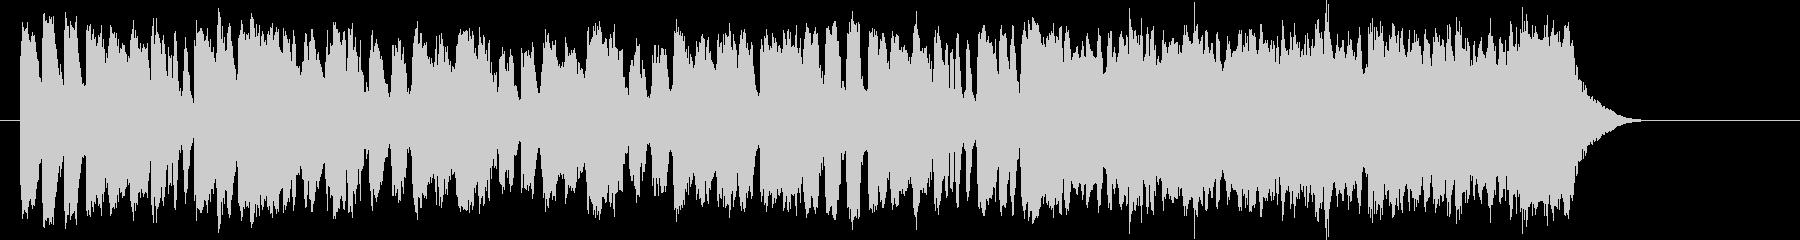 オープニング 優雅 伝統的 CM PRの未再生の波形